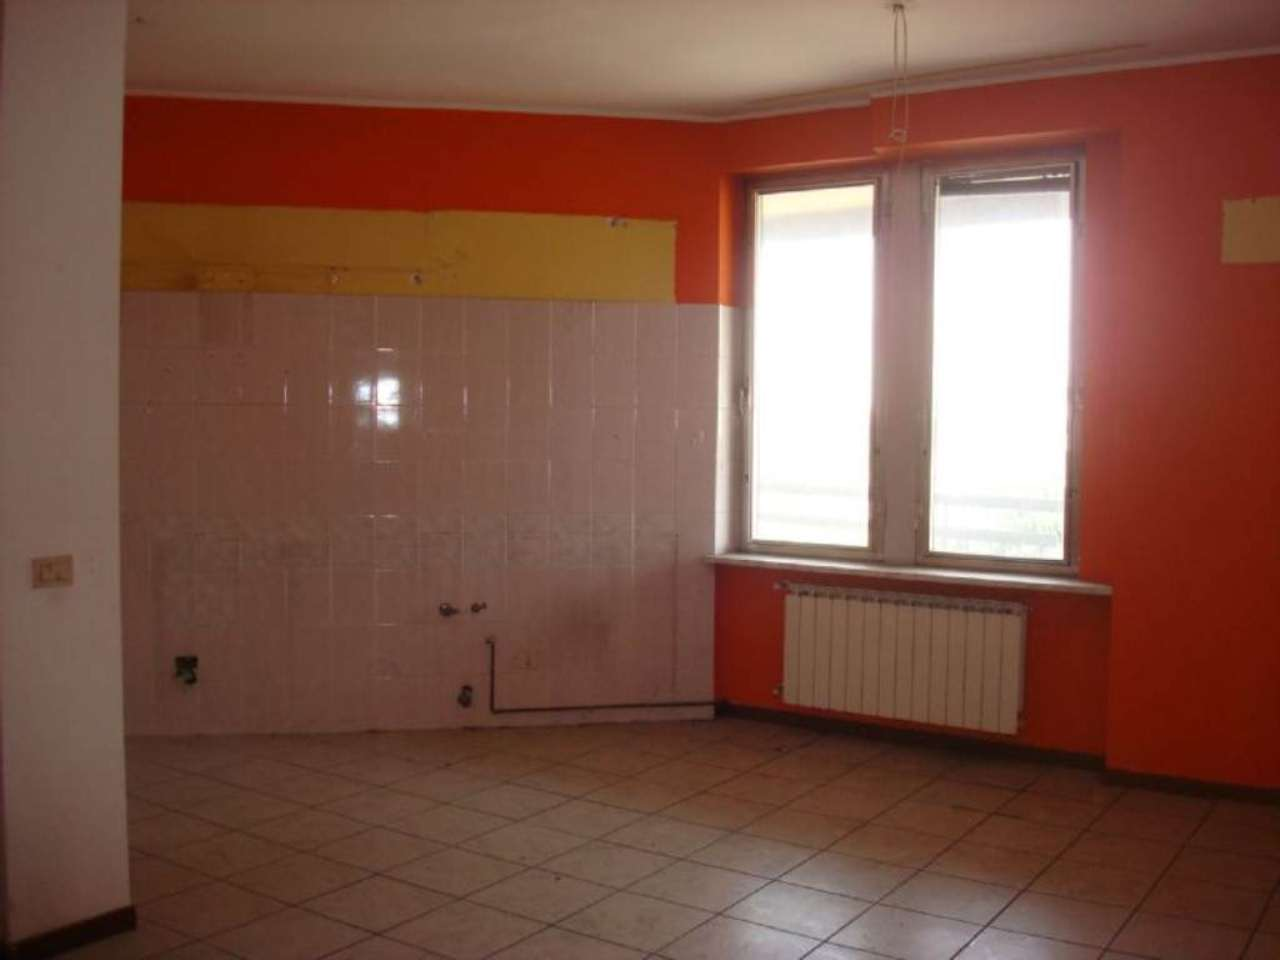 Appartamento in vendita a Treviglio, 3 locali, prezzo € 69.000 | Cambio Casa.it